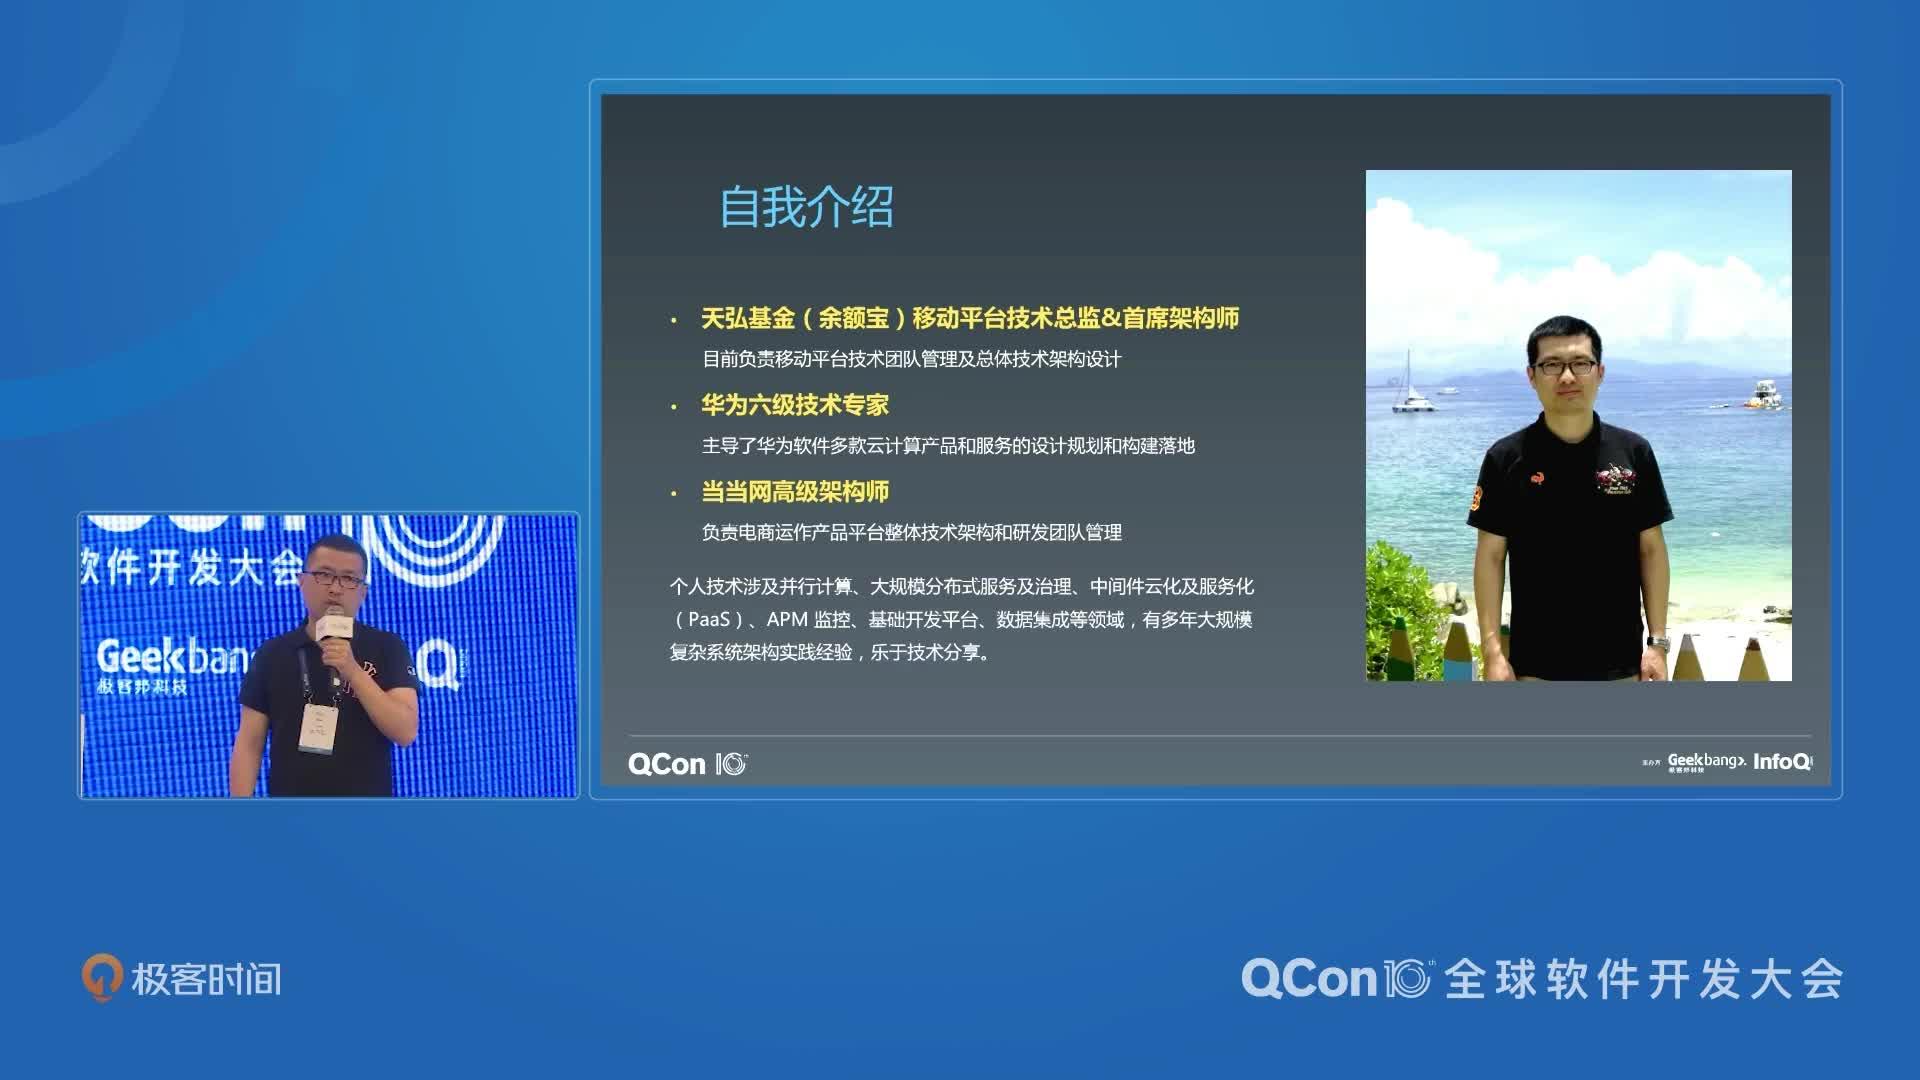 微服务架构体系的深度治理 | QCon